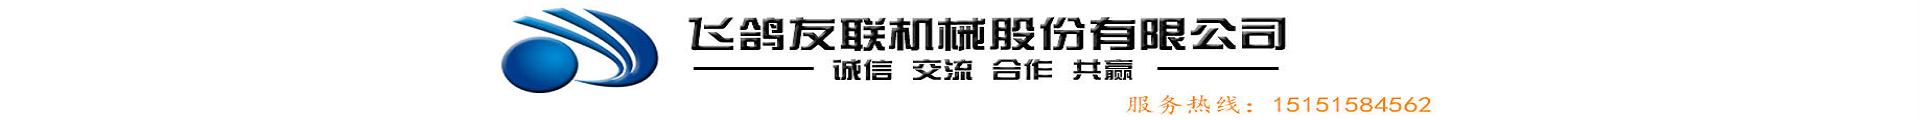 江苏飞鸽友联机械股份有限公司